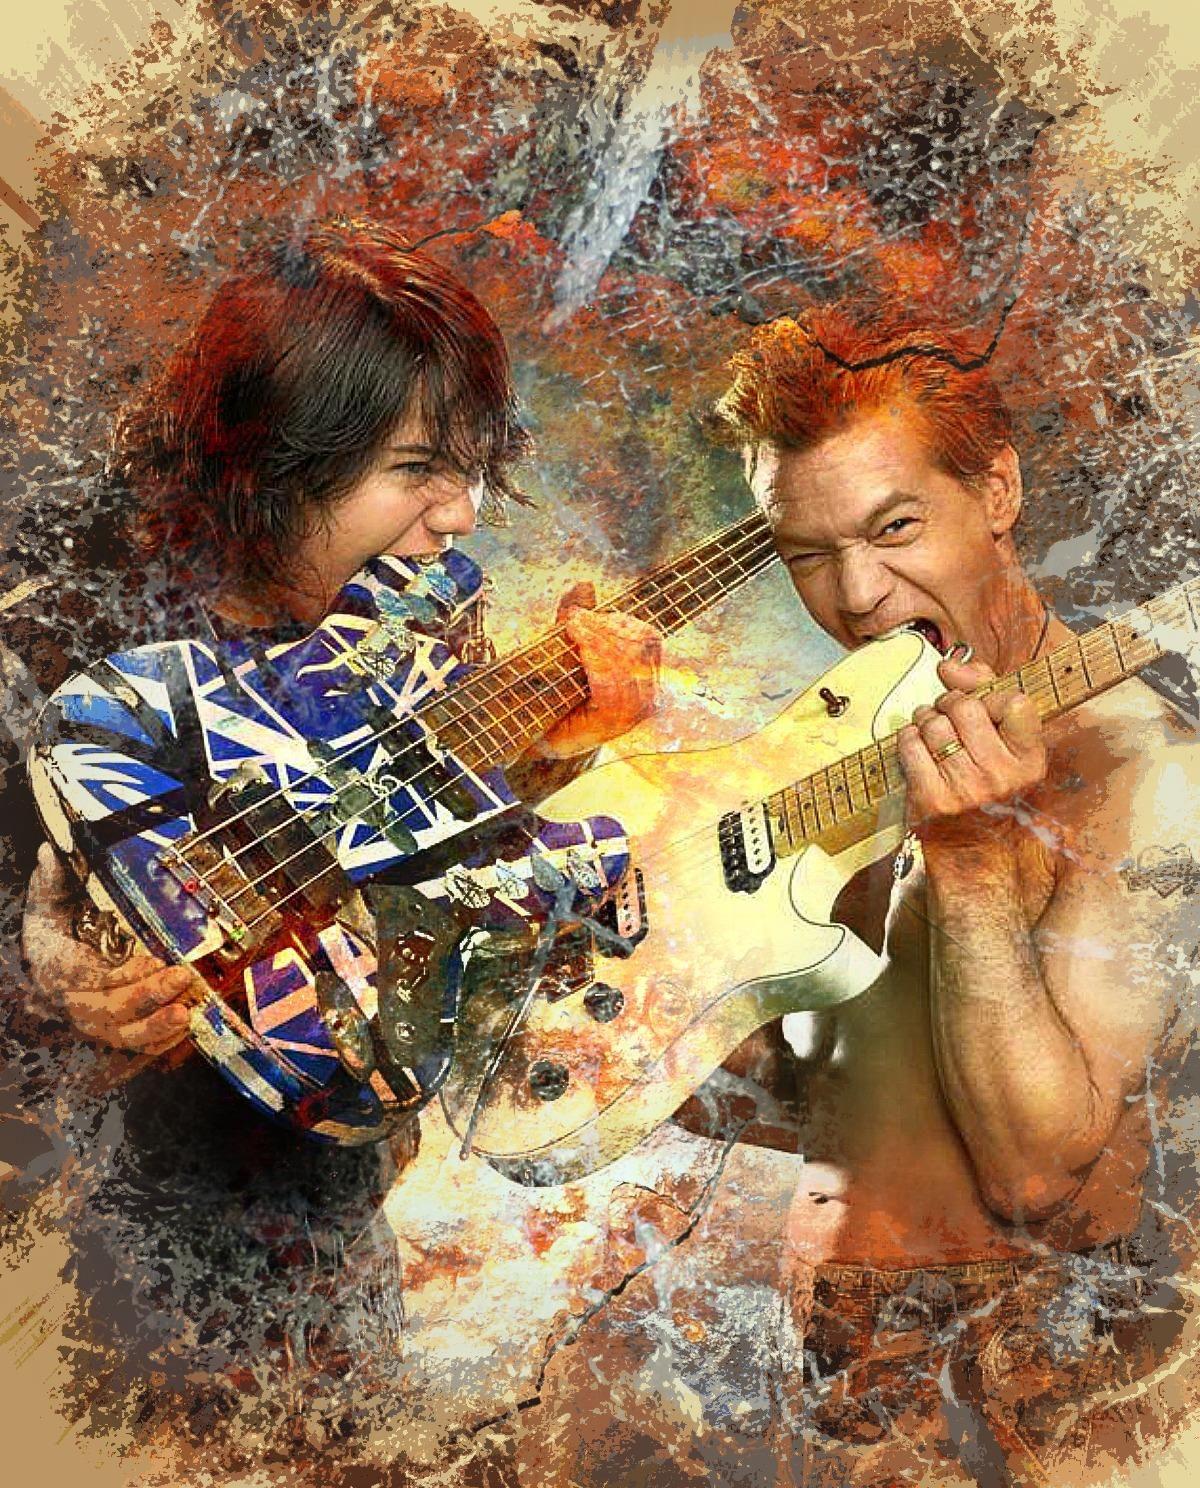 Pin By Ed Vendetti On Van Halen 5 Eddie Van Halen Van Halen 5150 Van Halen